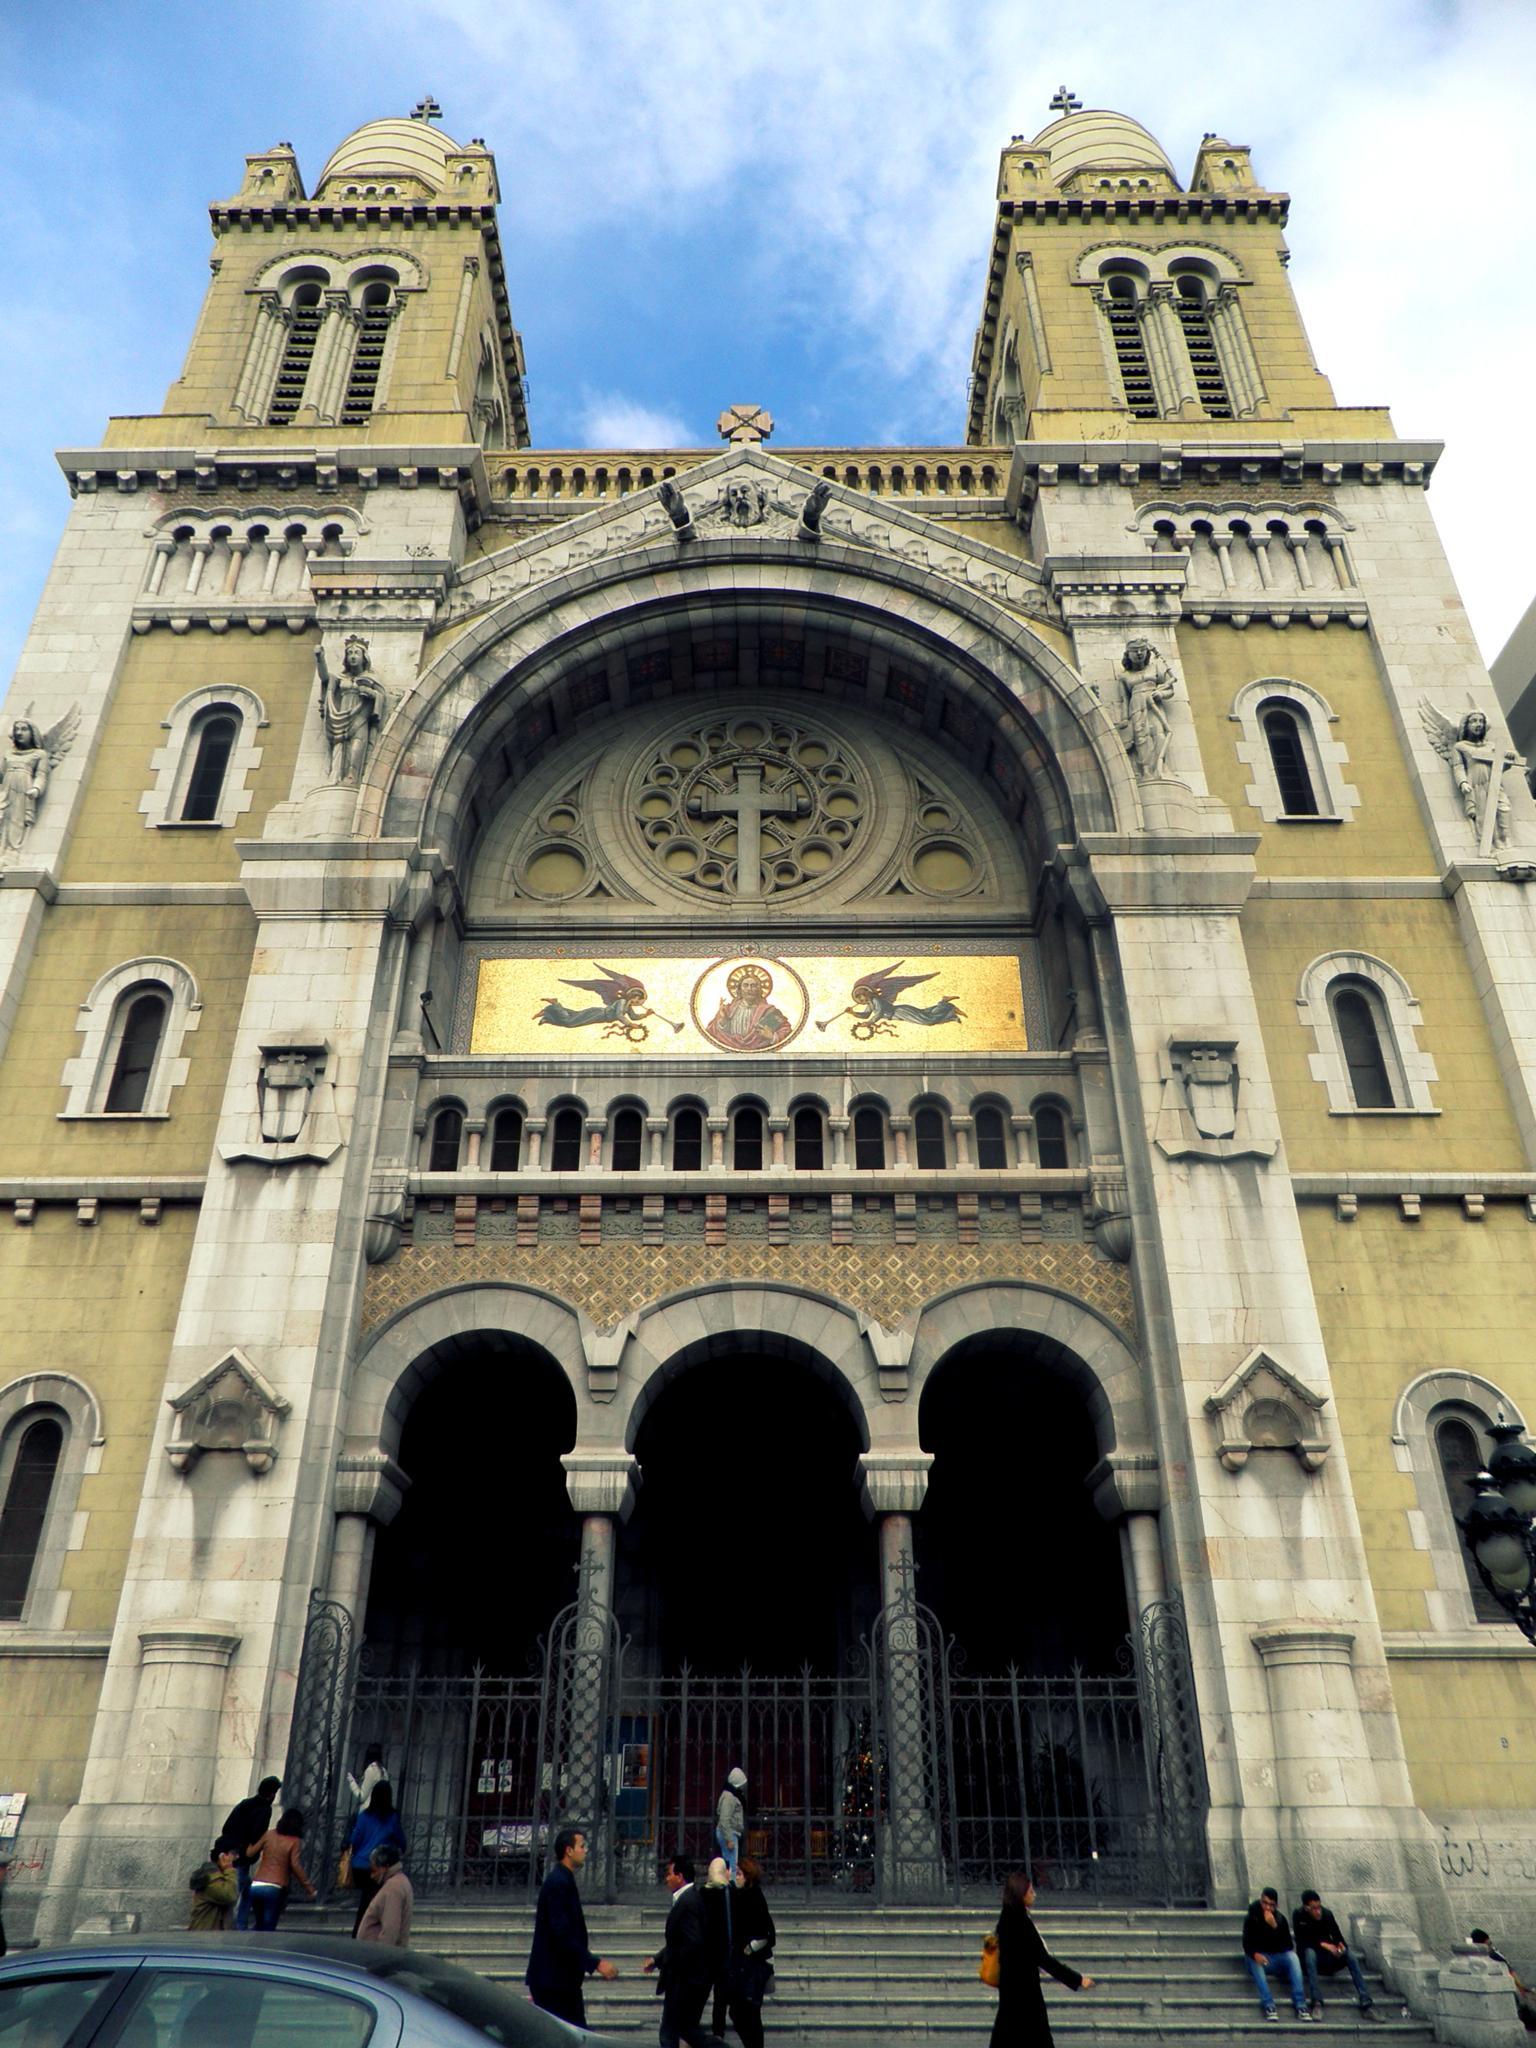 Cathédrale Saint-Vincent-de-Paul de Tunis by Hiba Sghaier